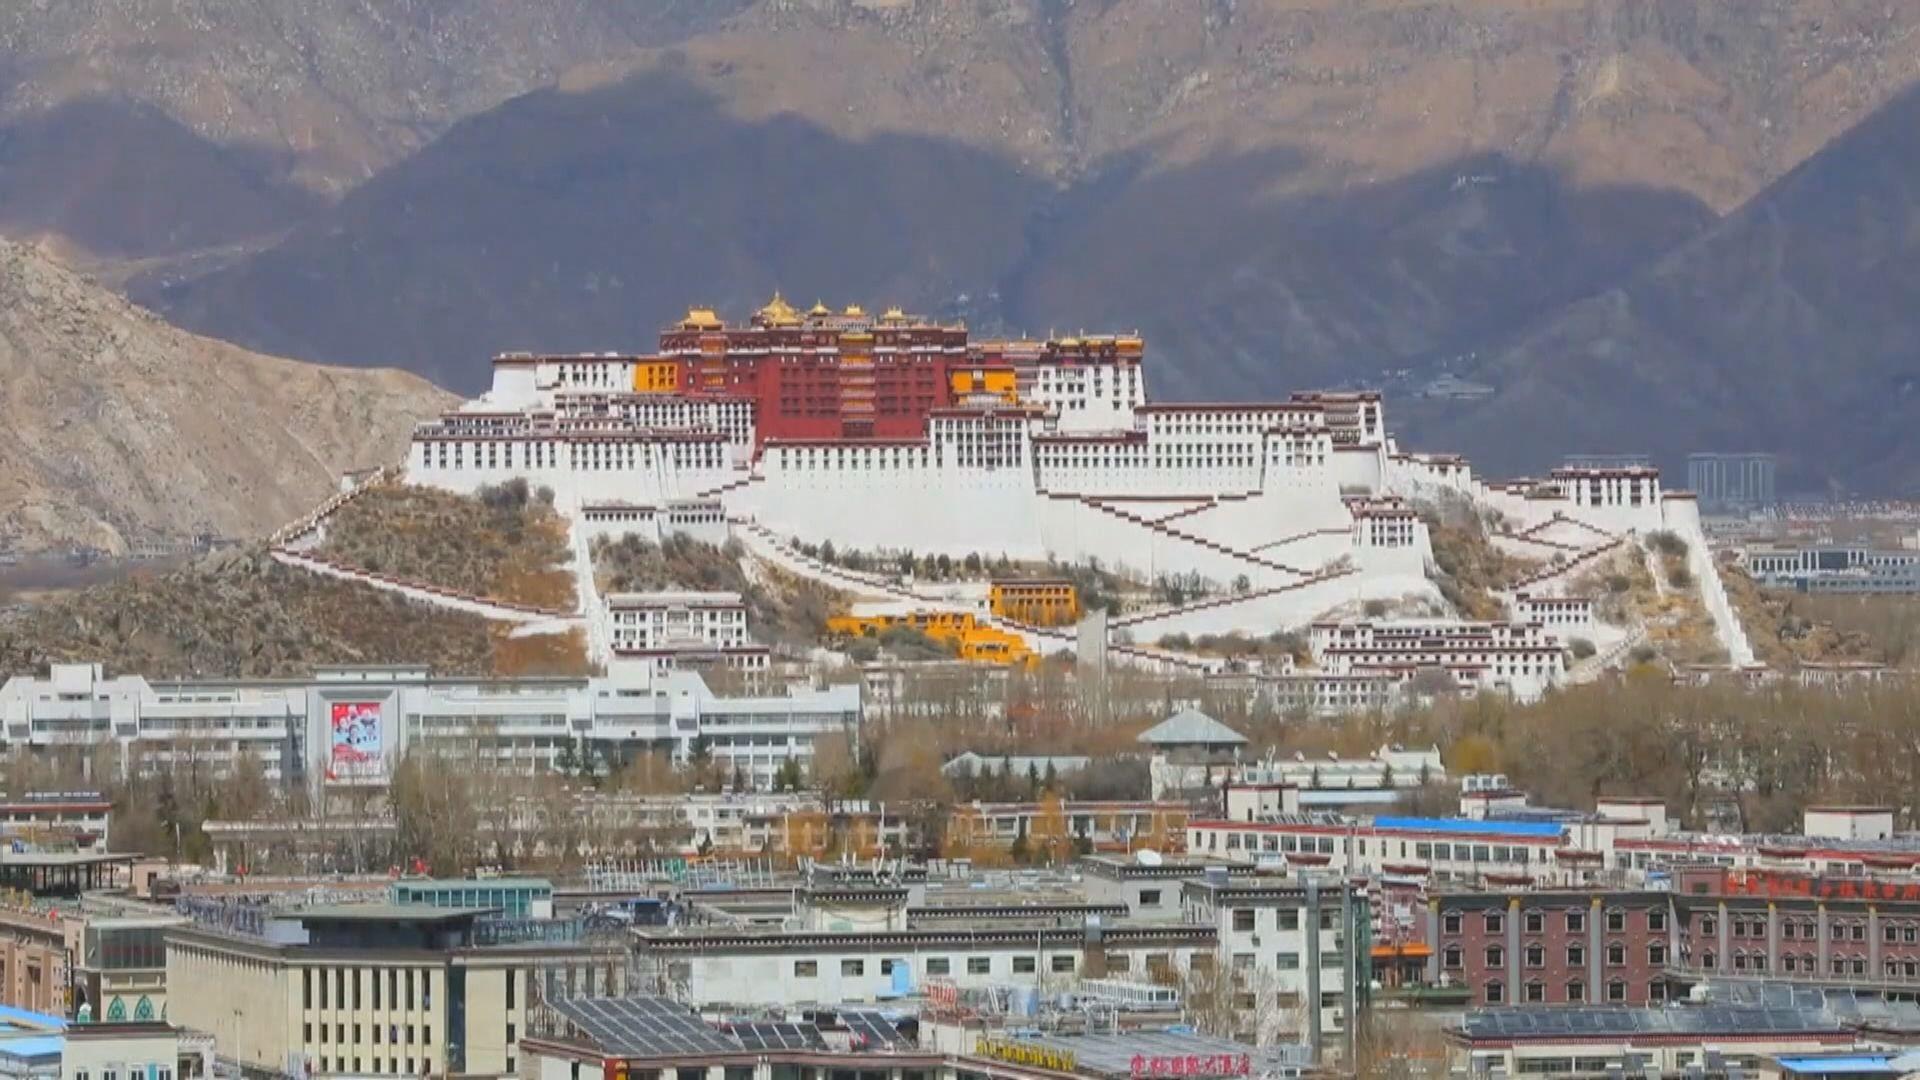 美國參議員提議案促調查西藏強迫勞動